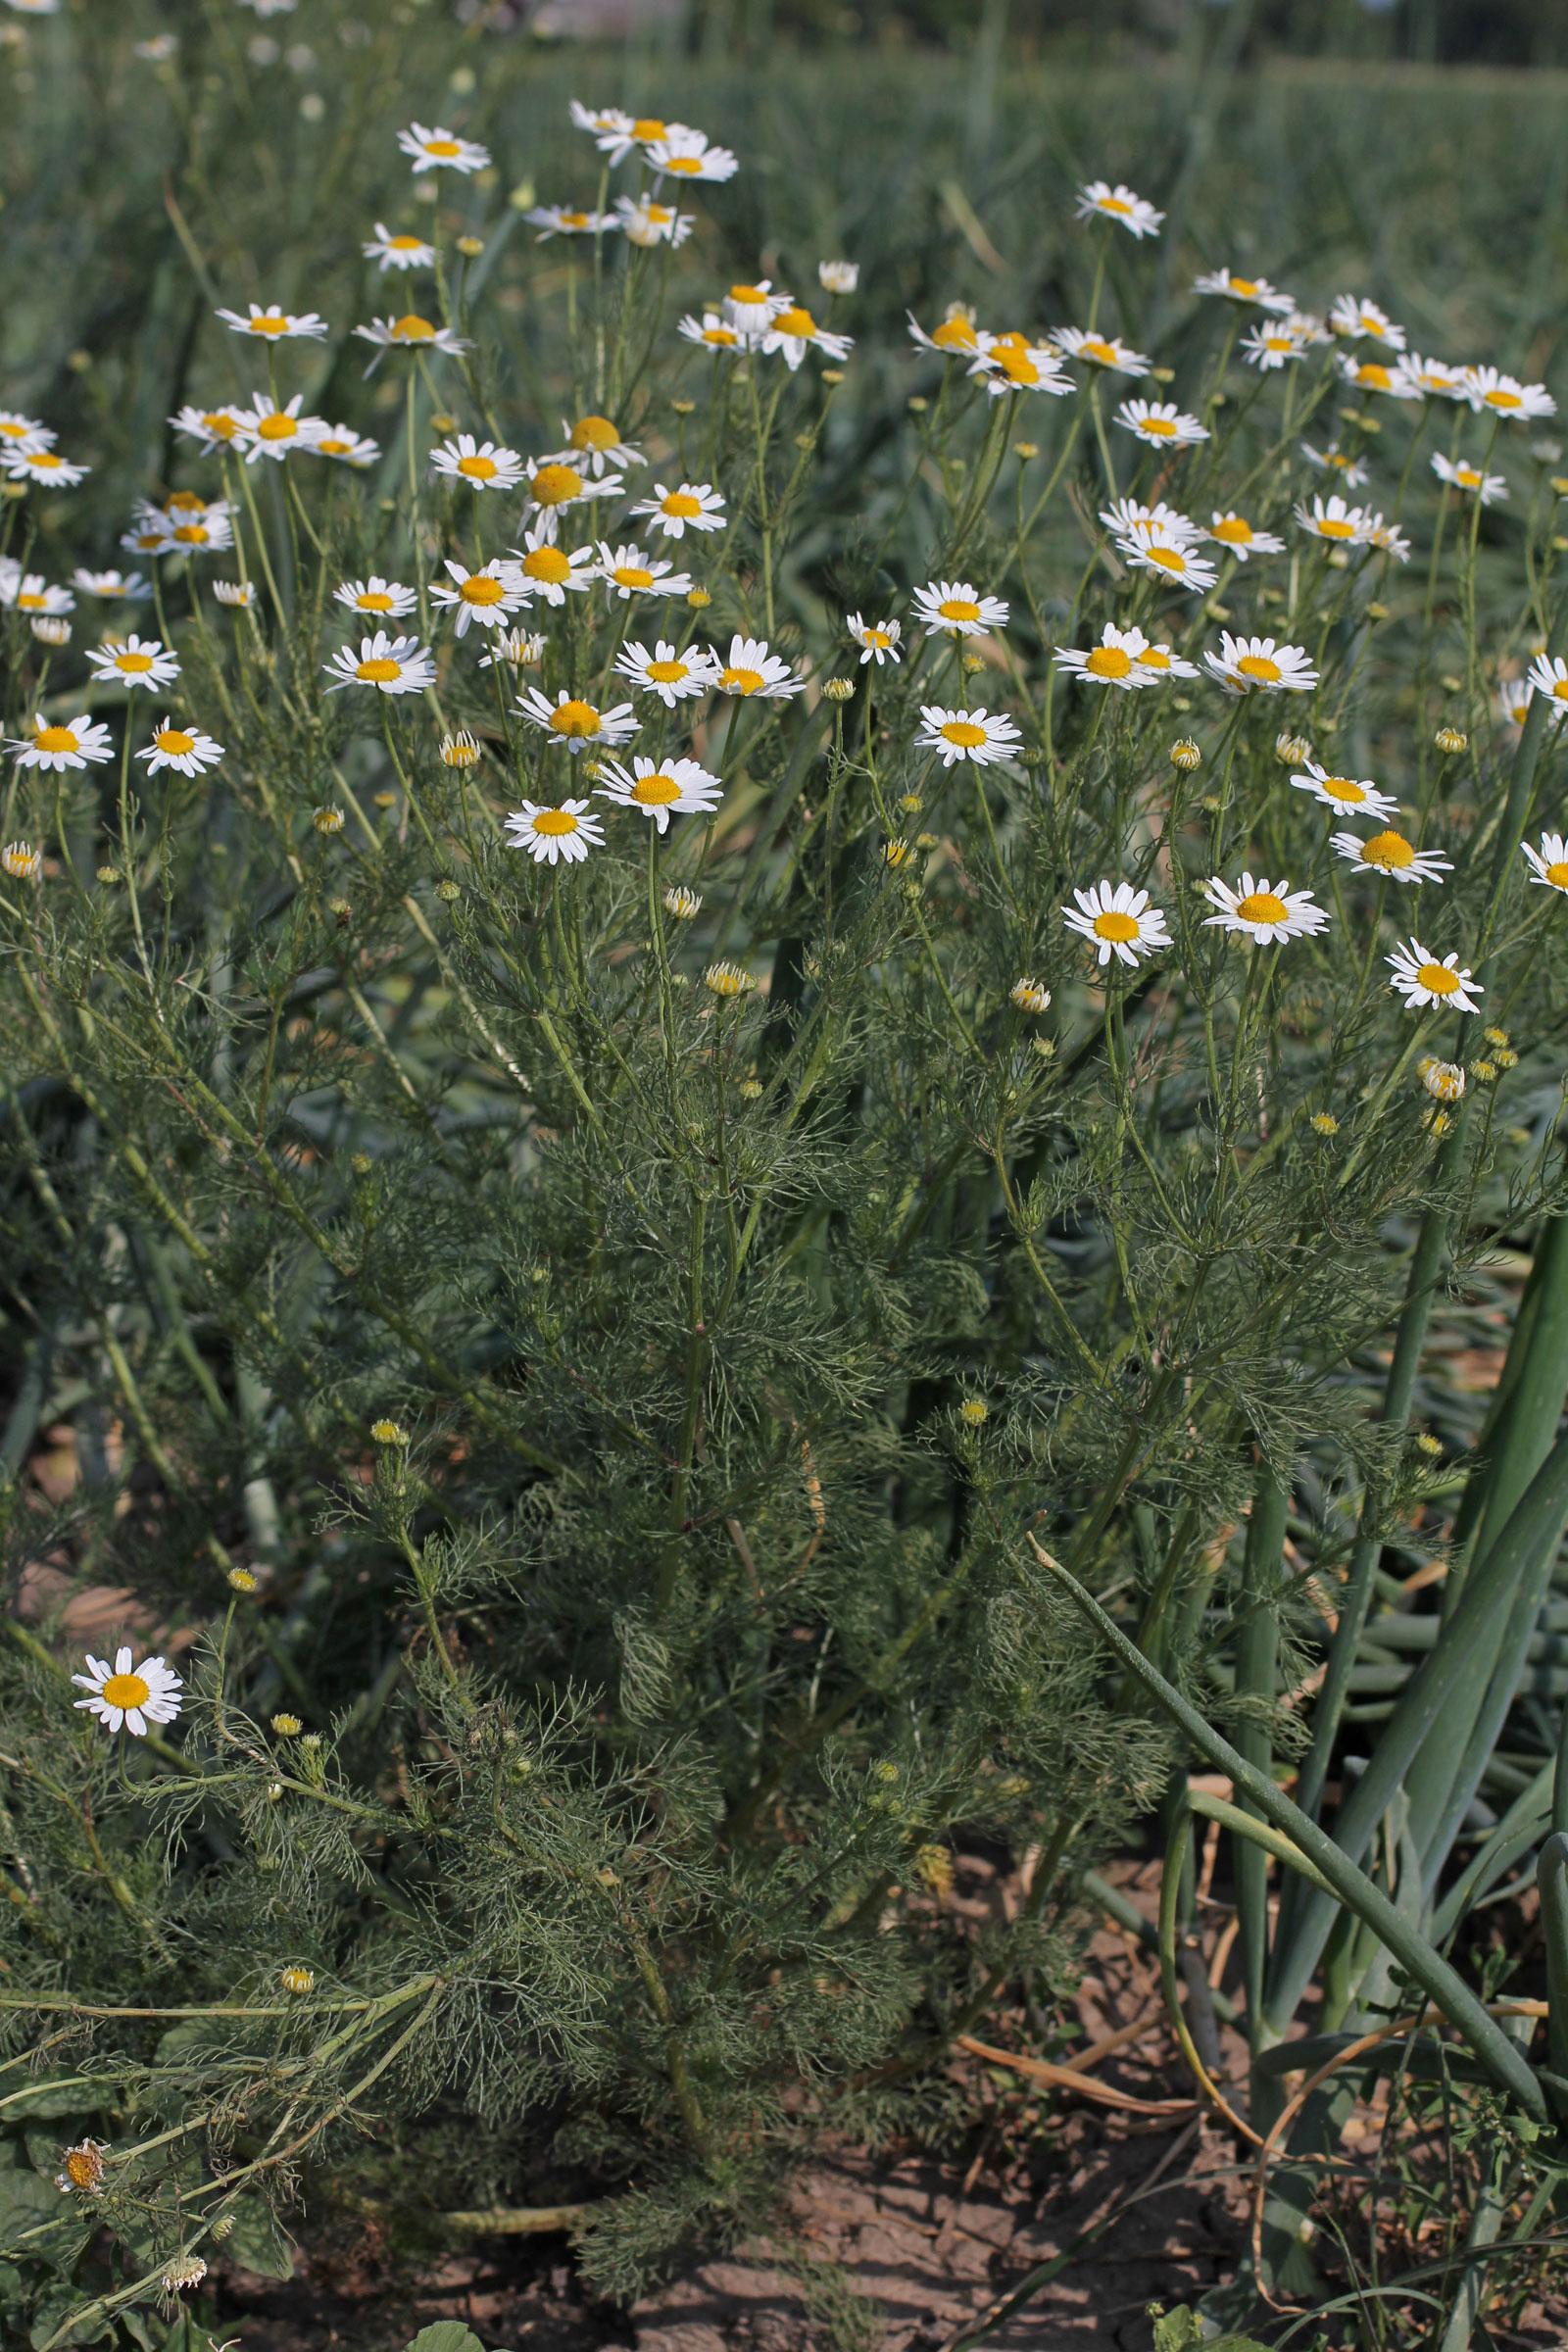 Tripleurospermum maritimum ssp. inodorum